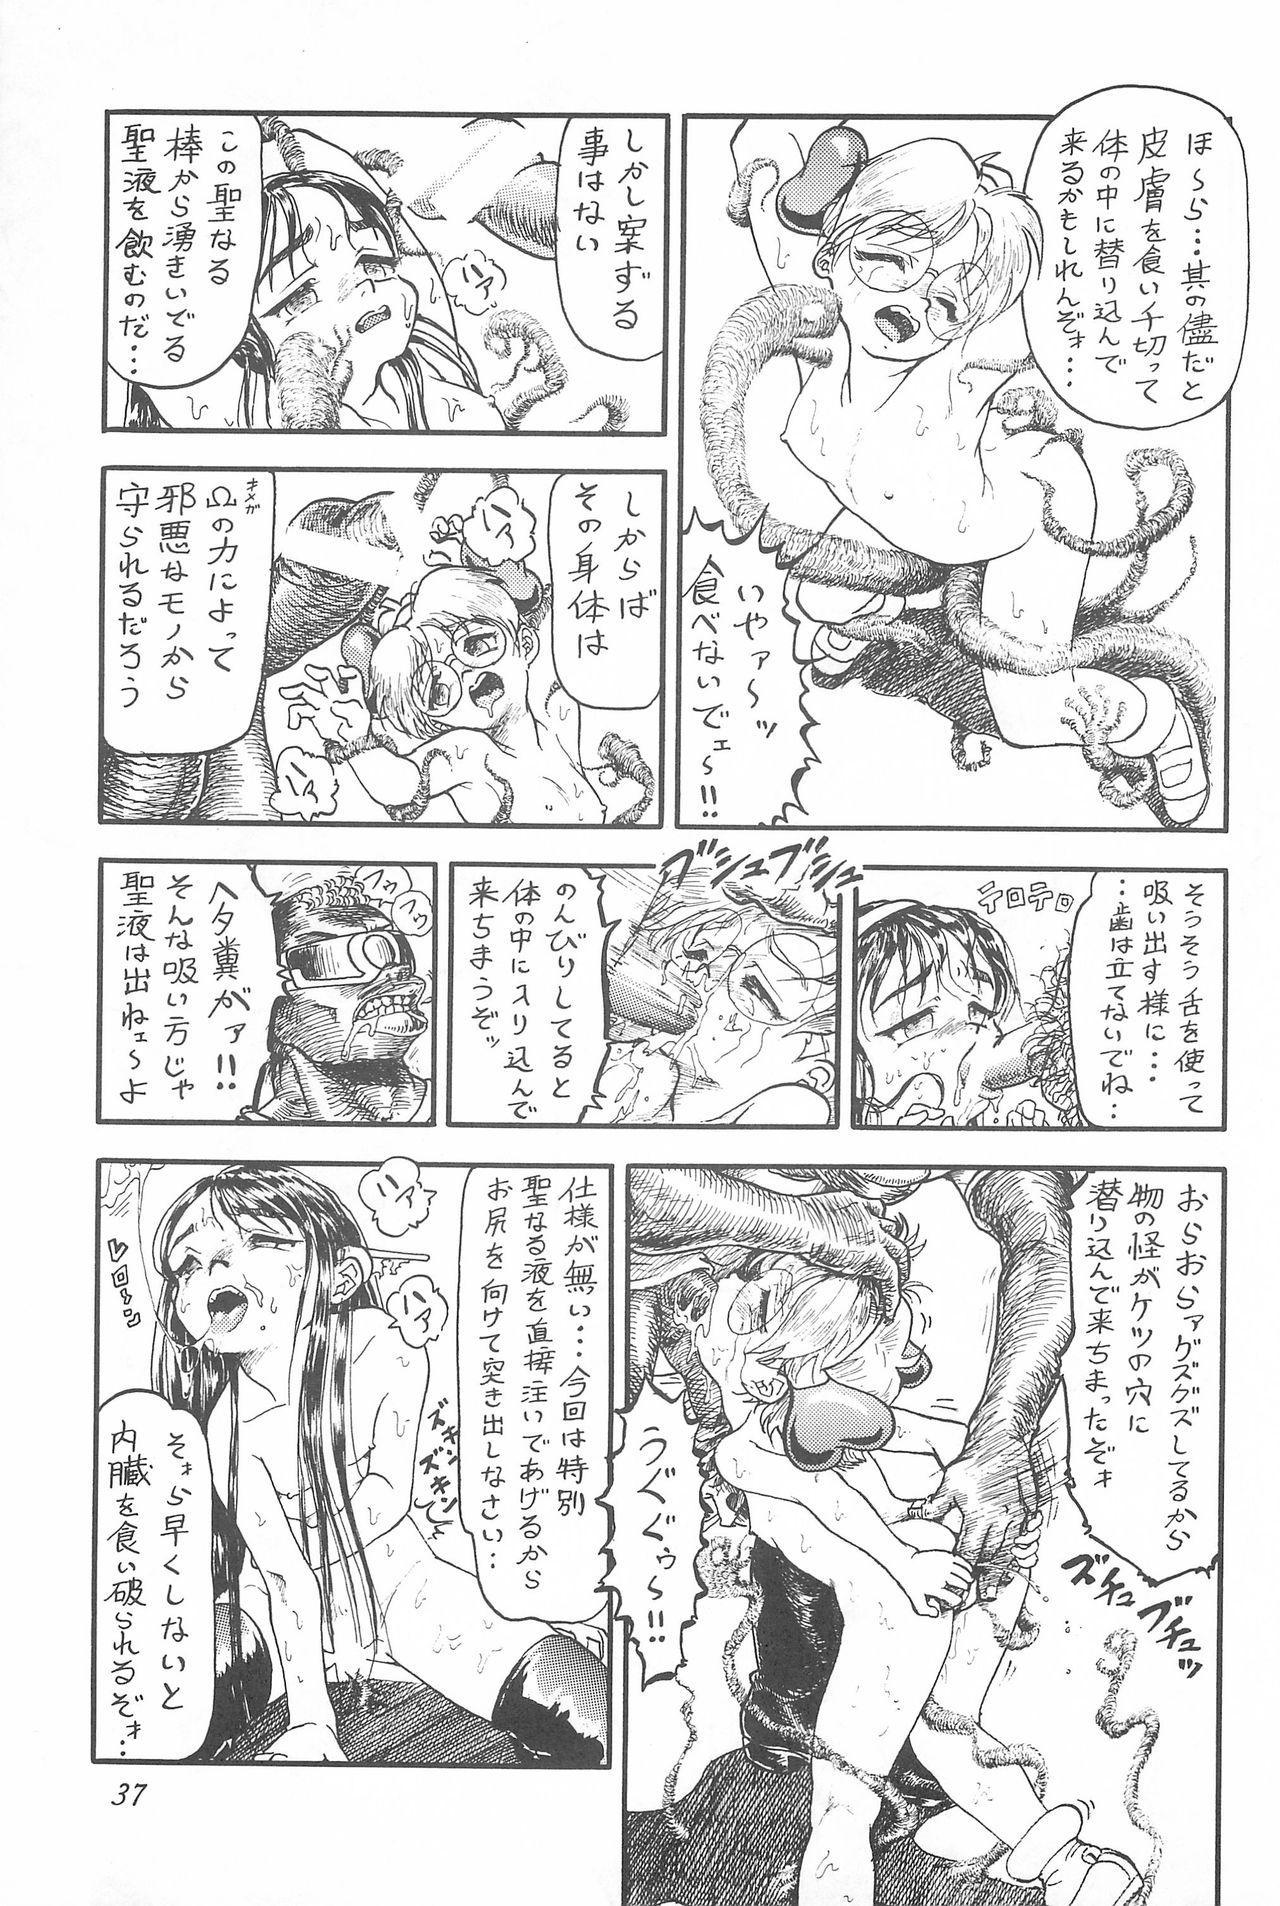 Youseiki Evanlolibon 36